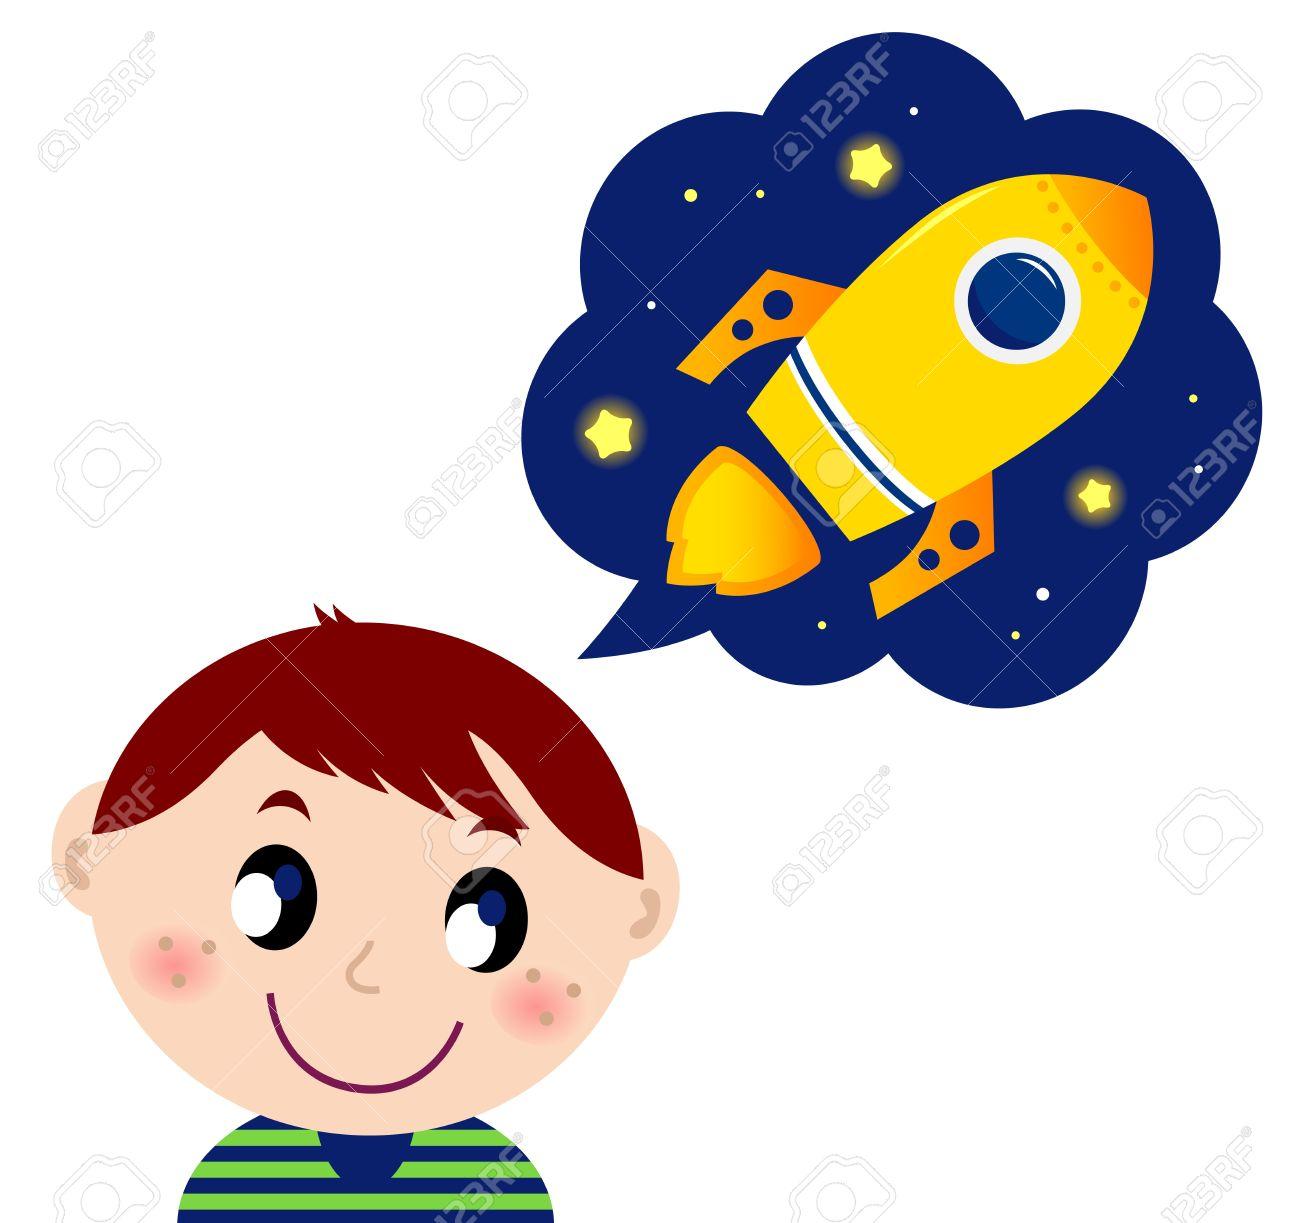 かわいい男の子が新しい宇宙船を夢見てします漫画イラストのイラスト